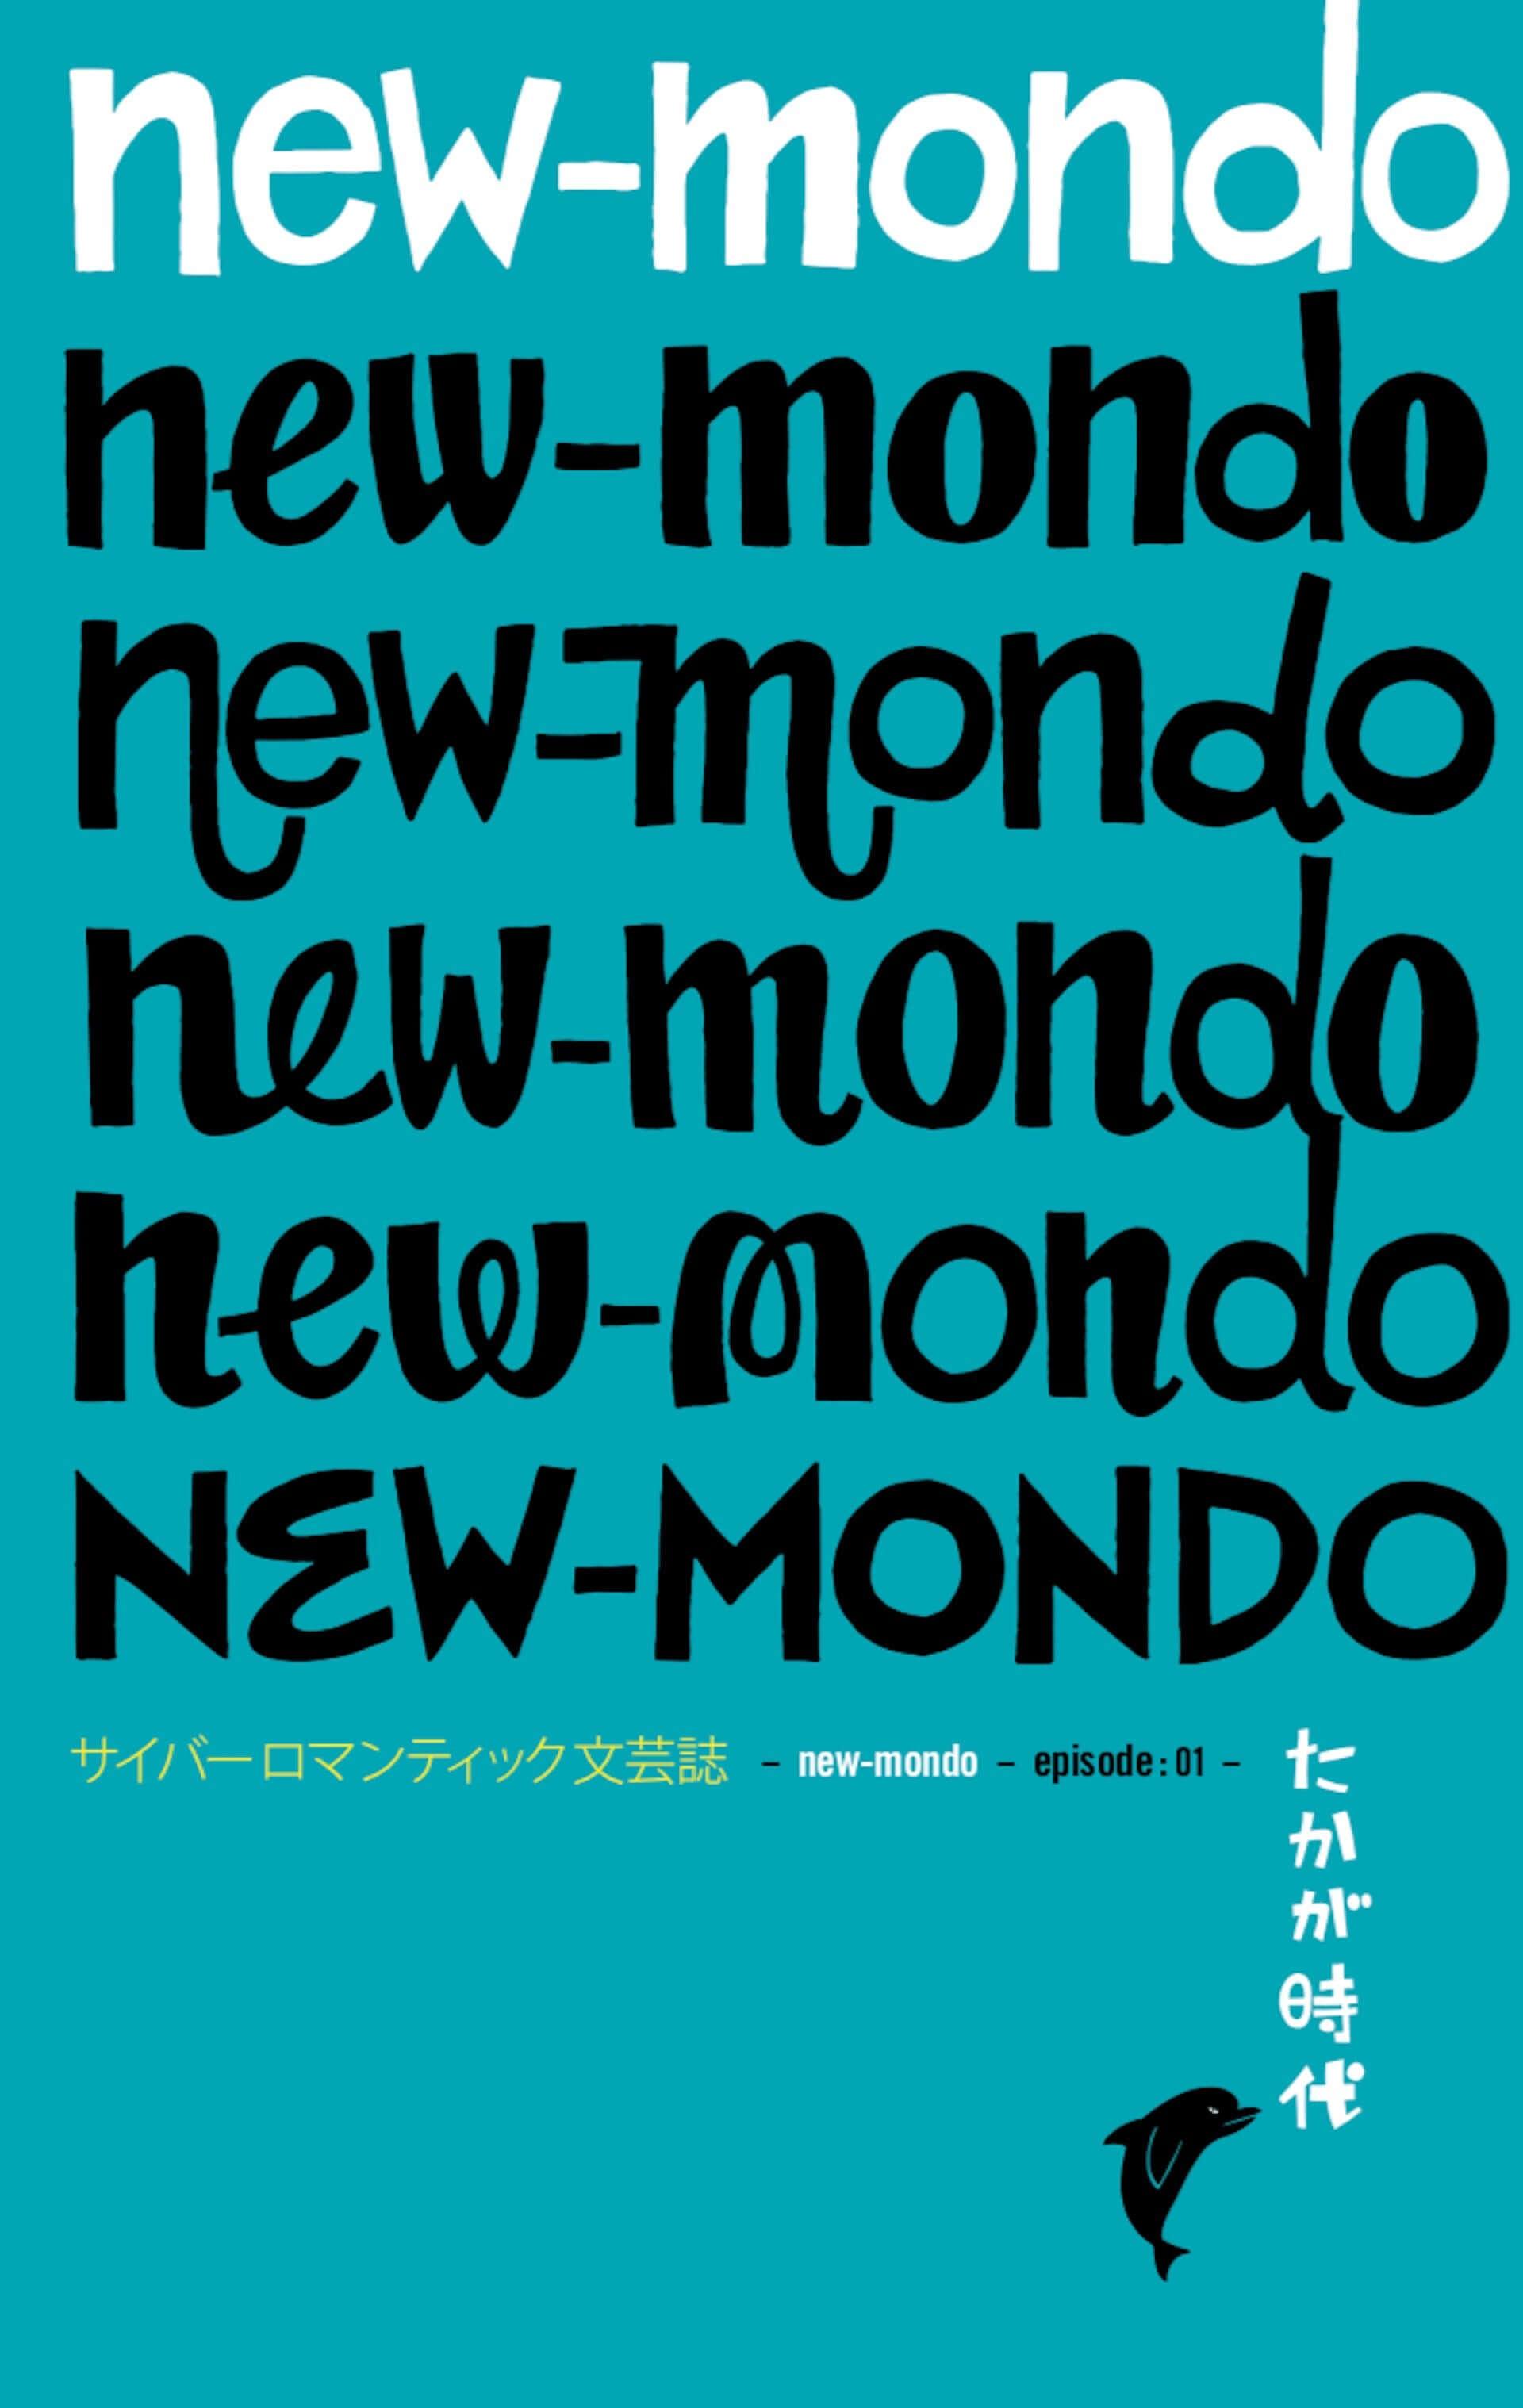 サイバーロマンティック文芸誌『new-mondo magazine』が創刊!下津光史、小田部仁、山崎ナオコーラらが参加 art210108_new-mondo_1-1920x3036